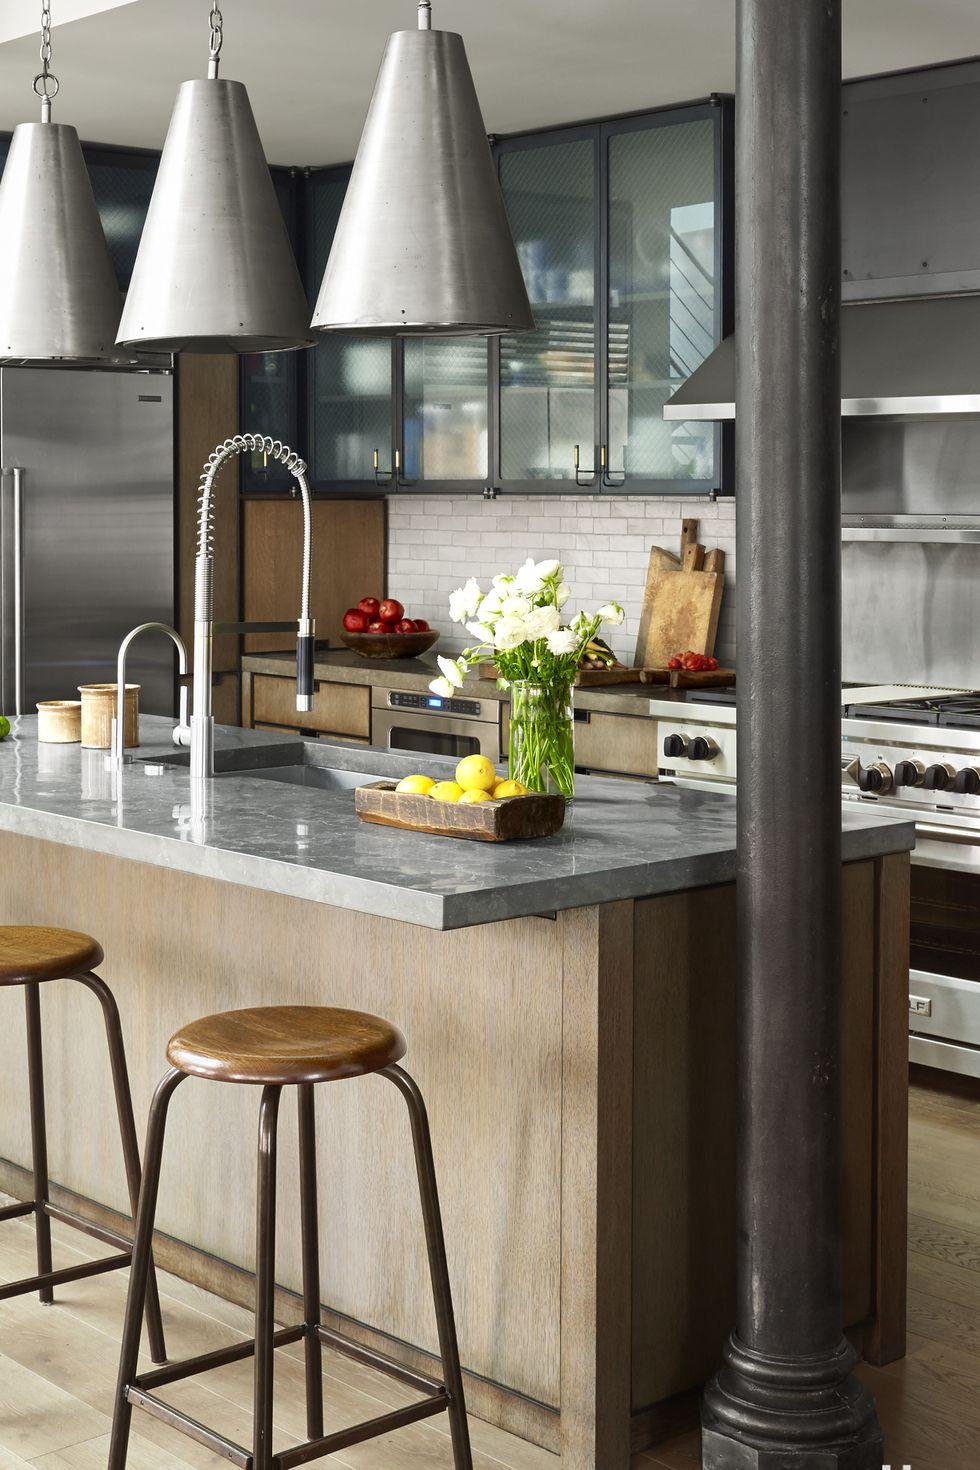 آشپزخانه مدرن-تلفیق طراحی مدرن و کلاسیک